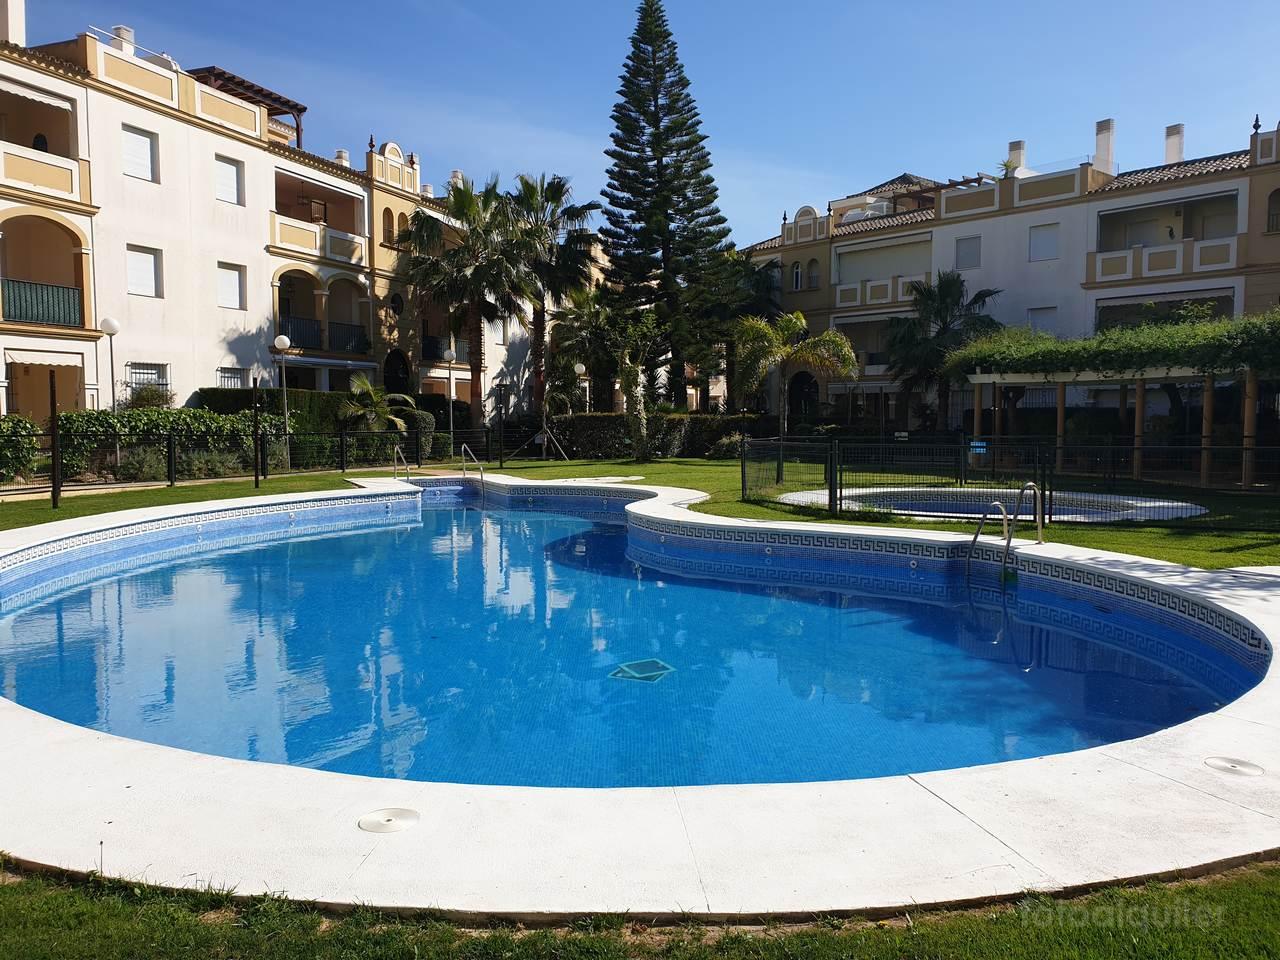 Alquiler de apartamento dos dormitorios en primera línea Costa Ballena